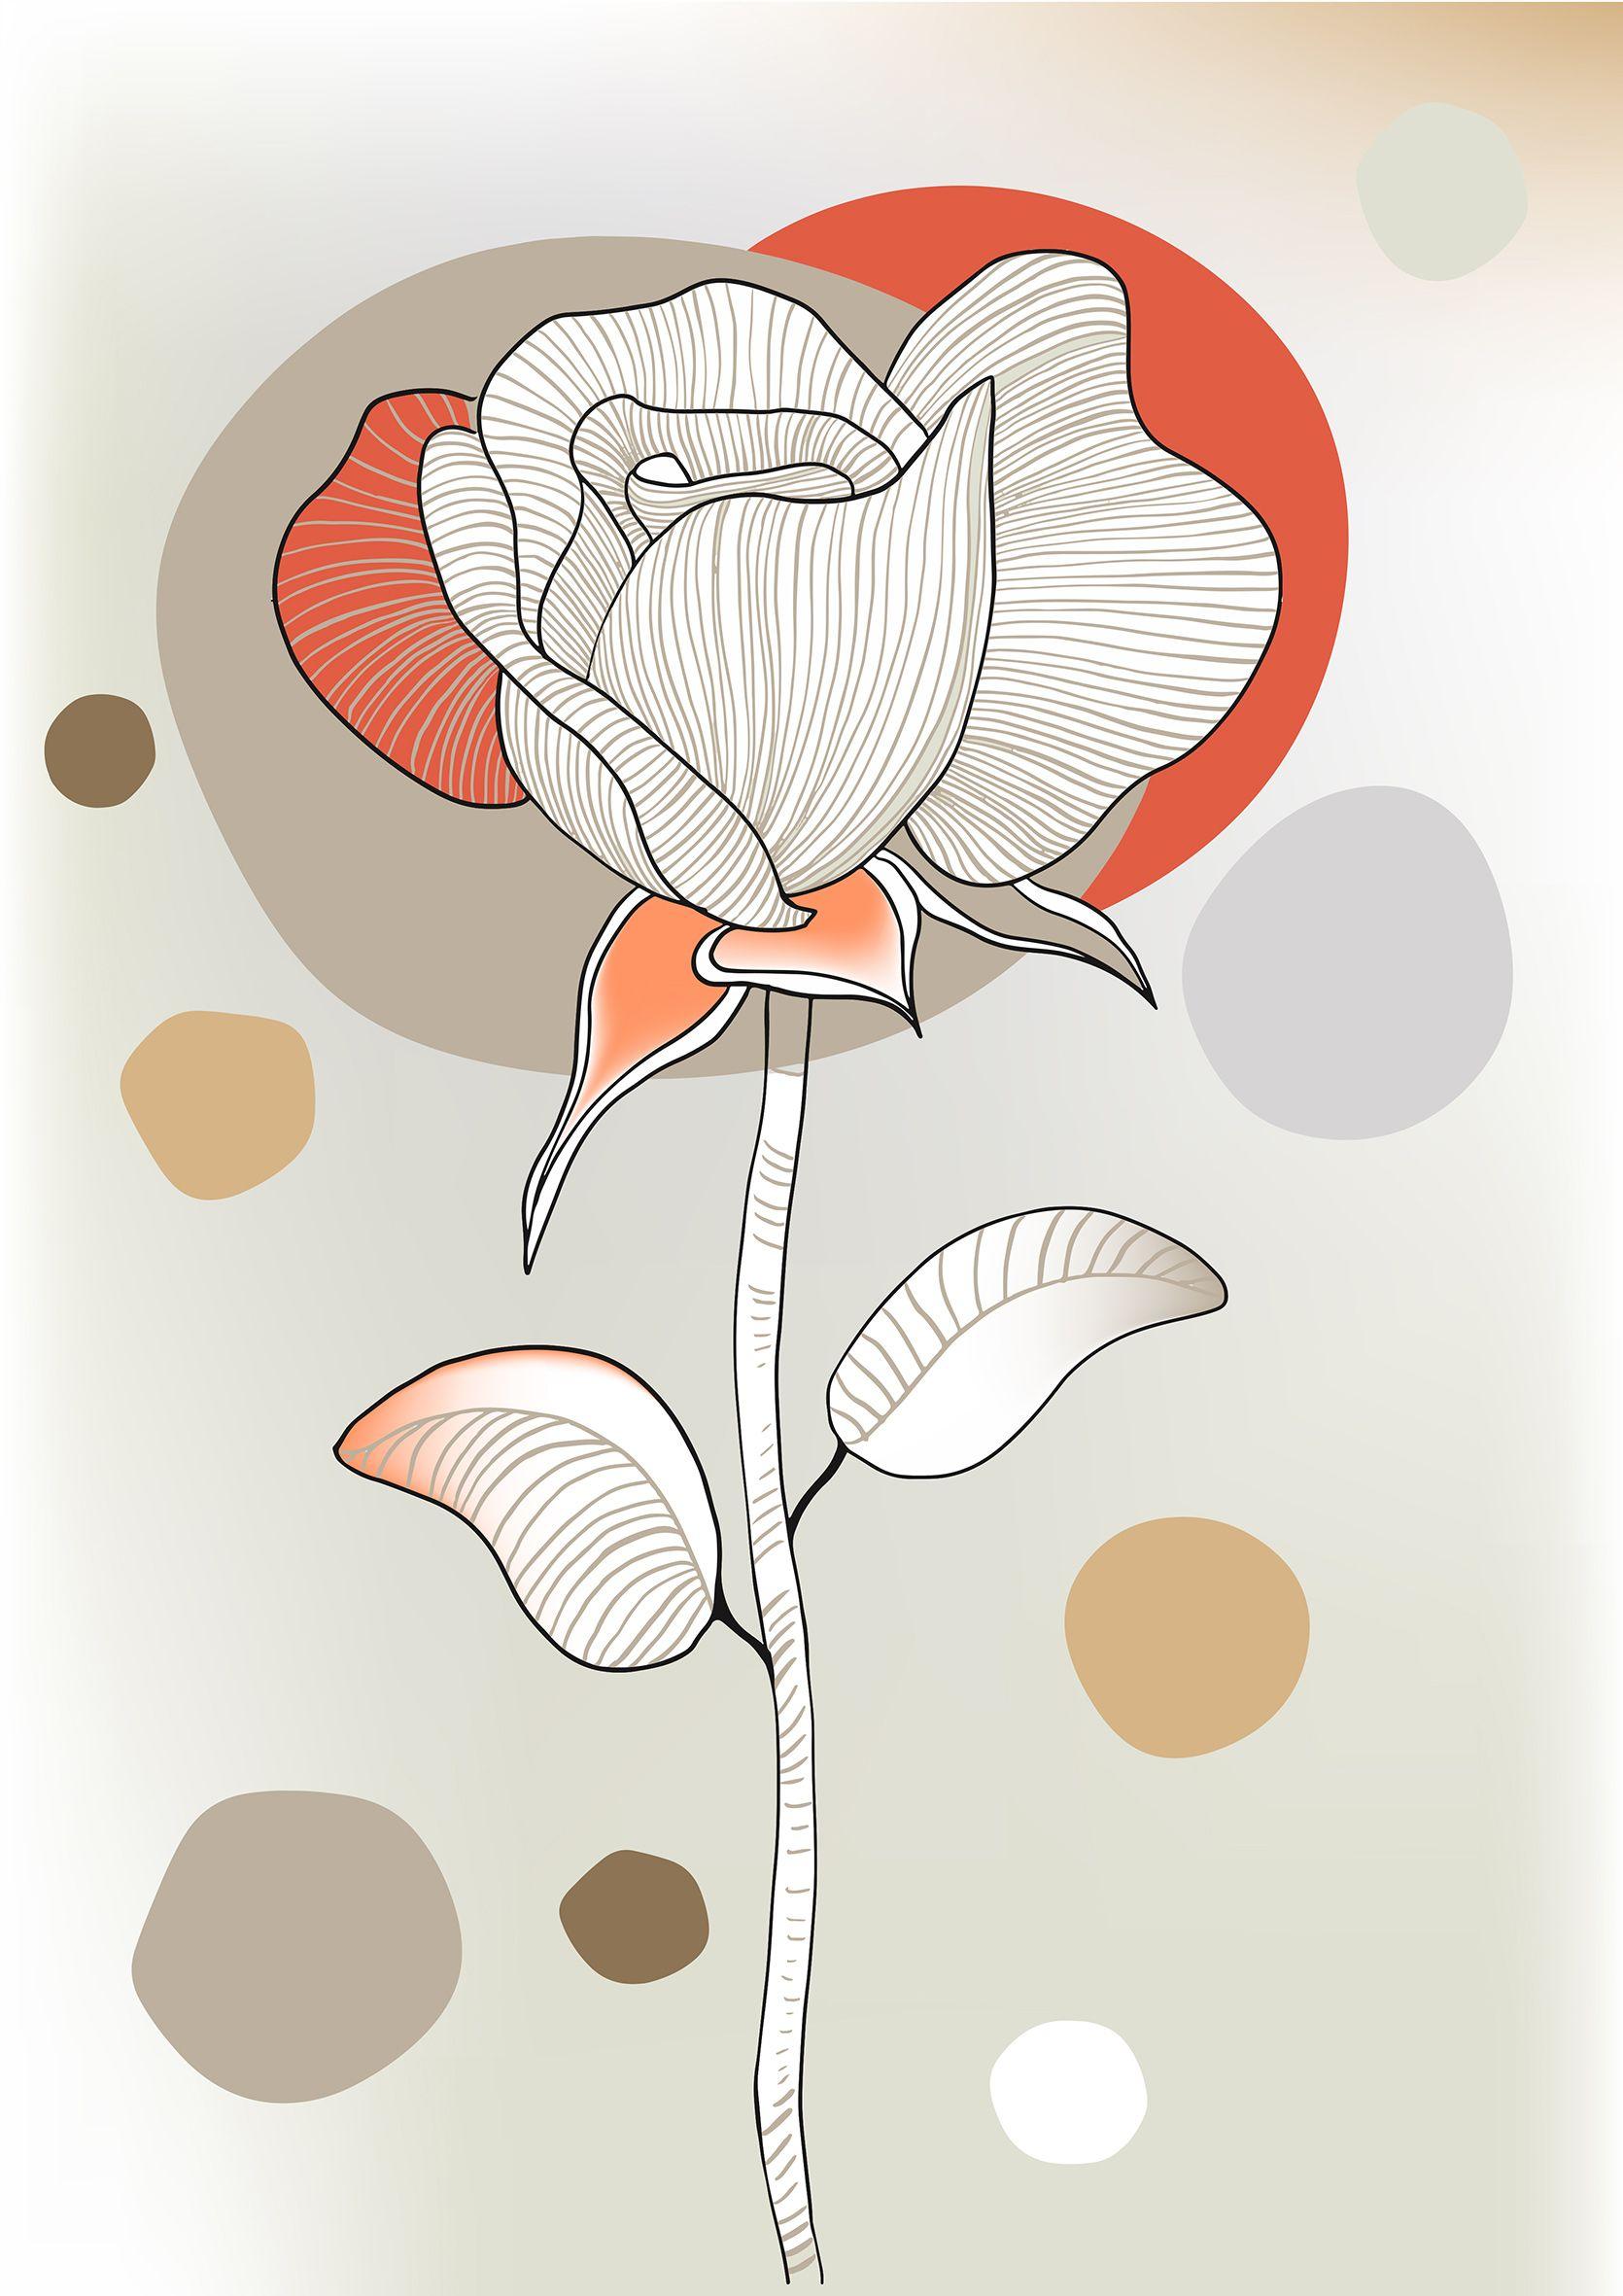 Rose 1 Poster Geschenk Kunst Grafik Extravagant Wandschmuck Wohndesign Schoner Wohnen Dekoration Wohnart Trendfarben Poster Design